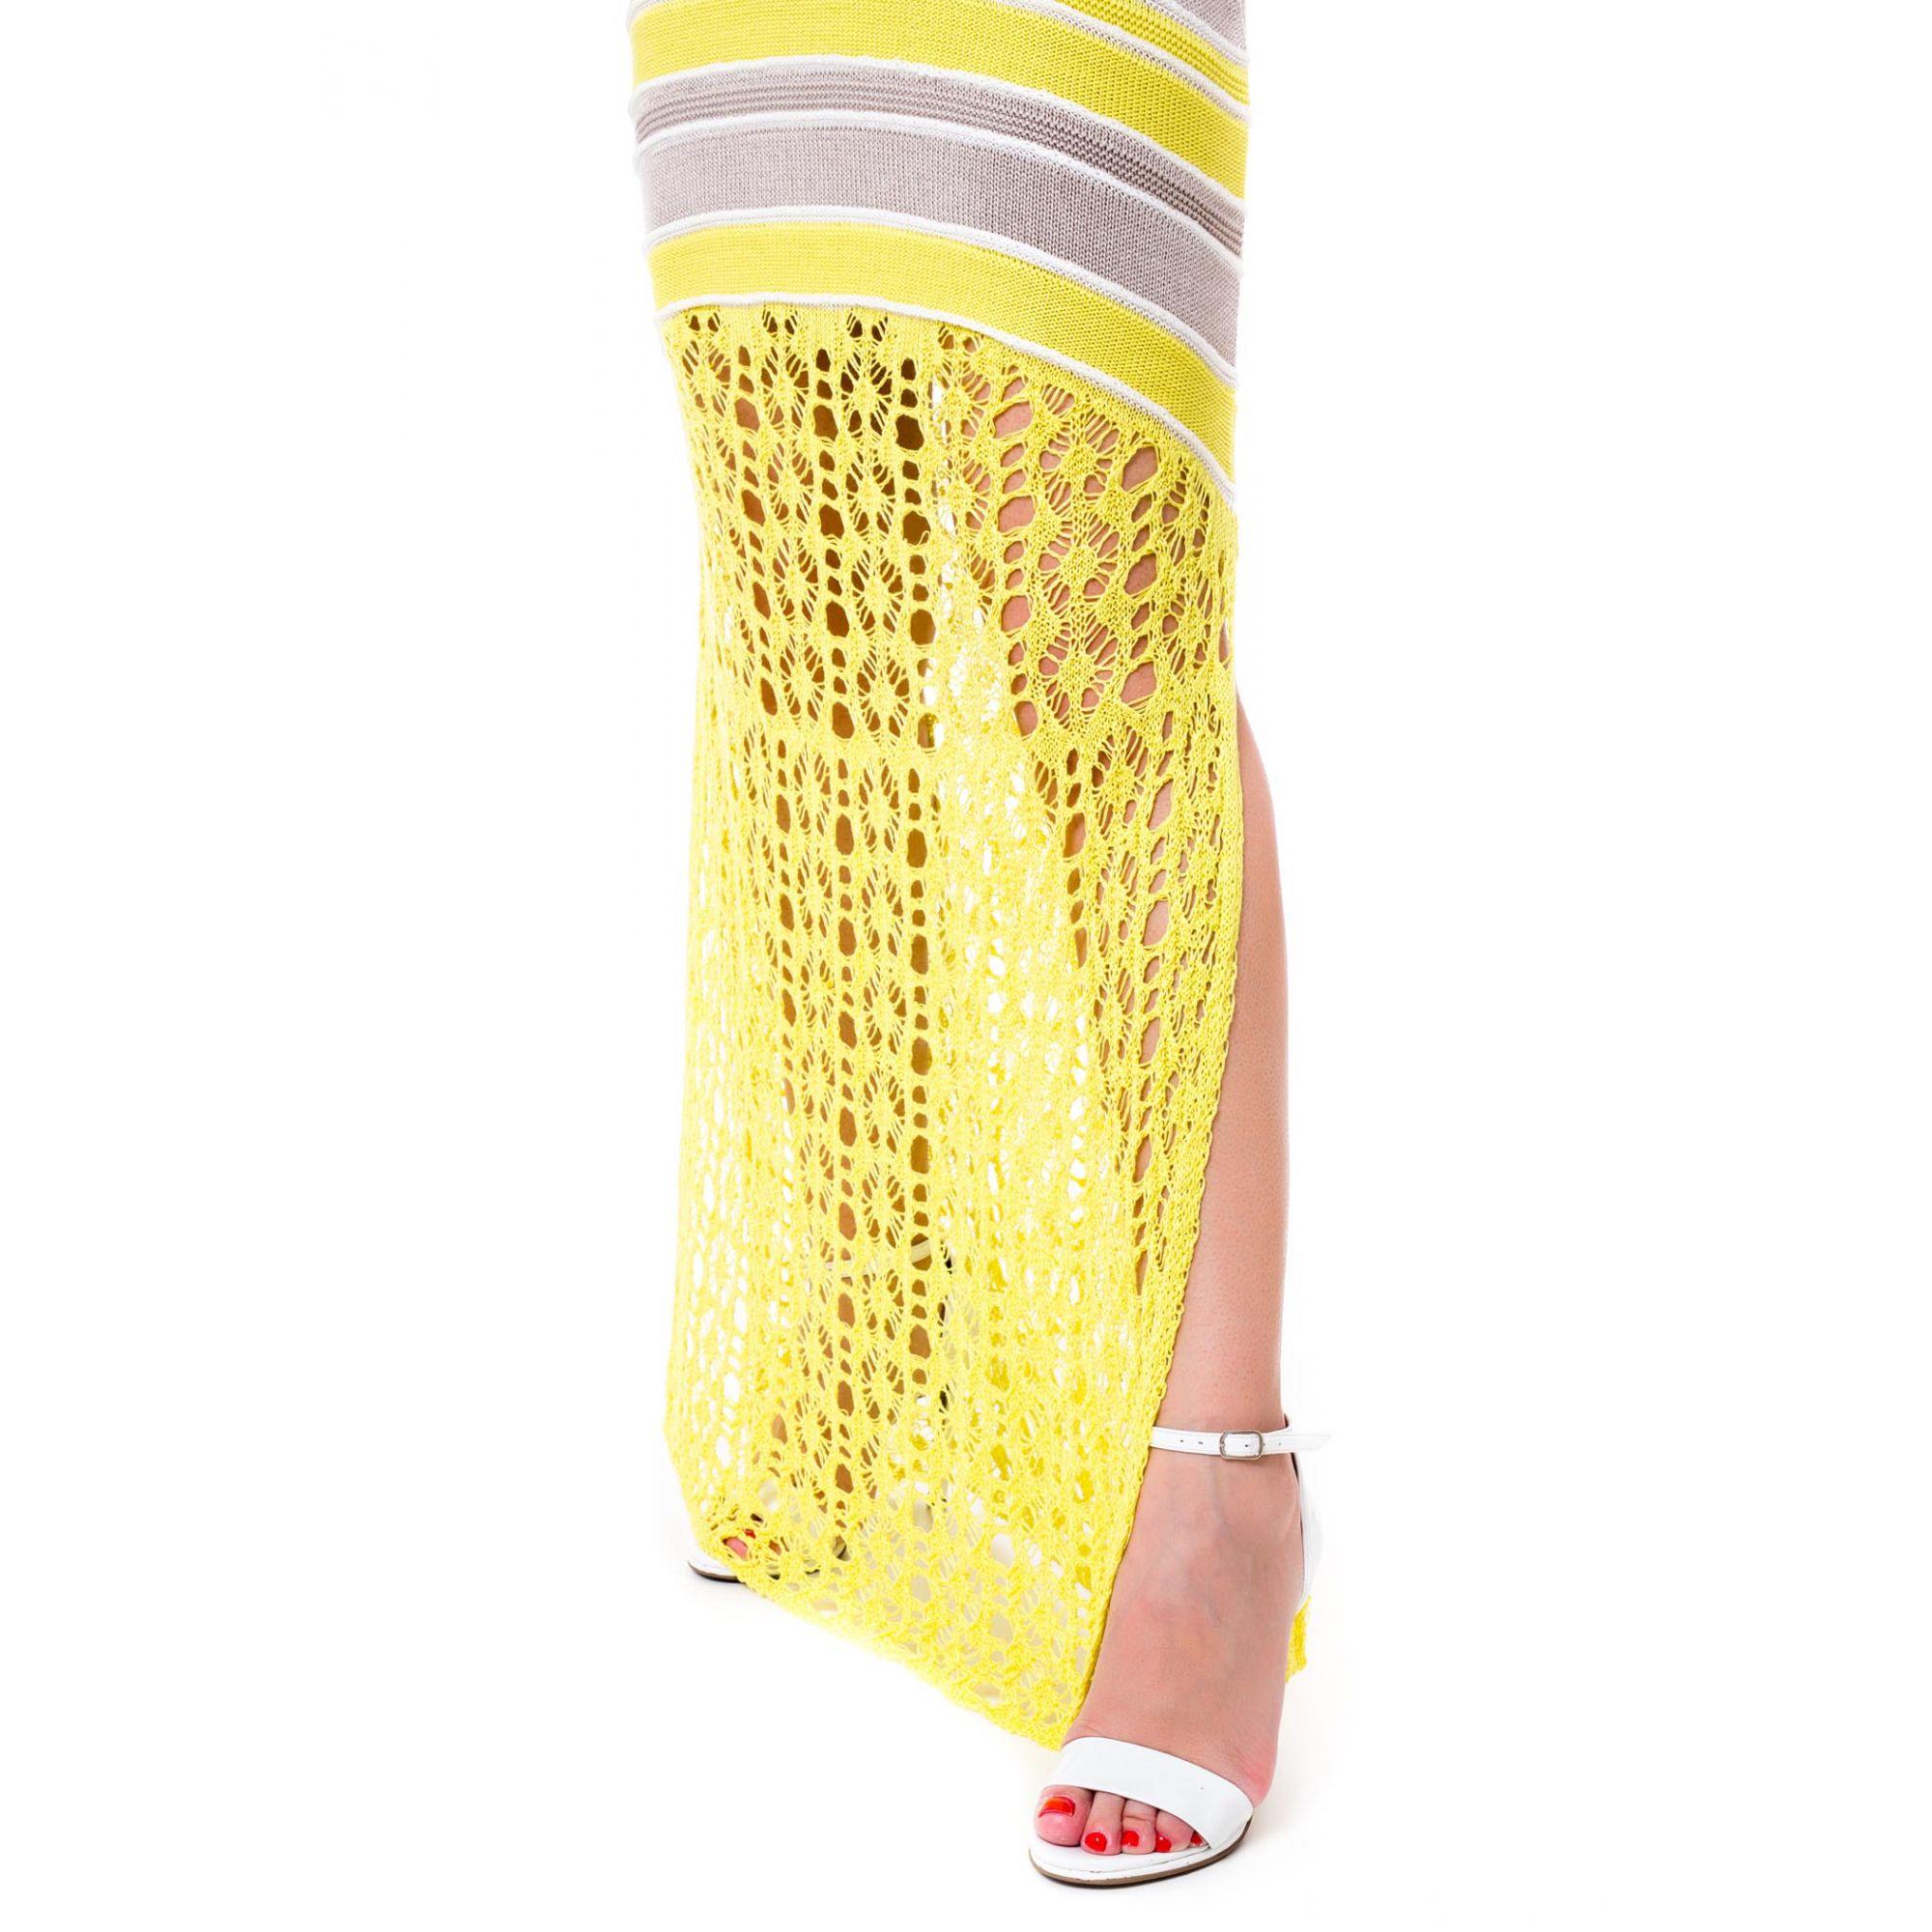 Vestido Longo Vera Tricot Decote V Listras Feminino Amarelo / Cinza / Off White